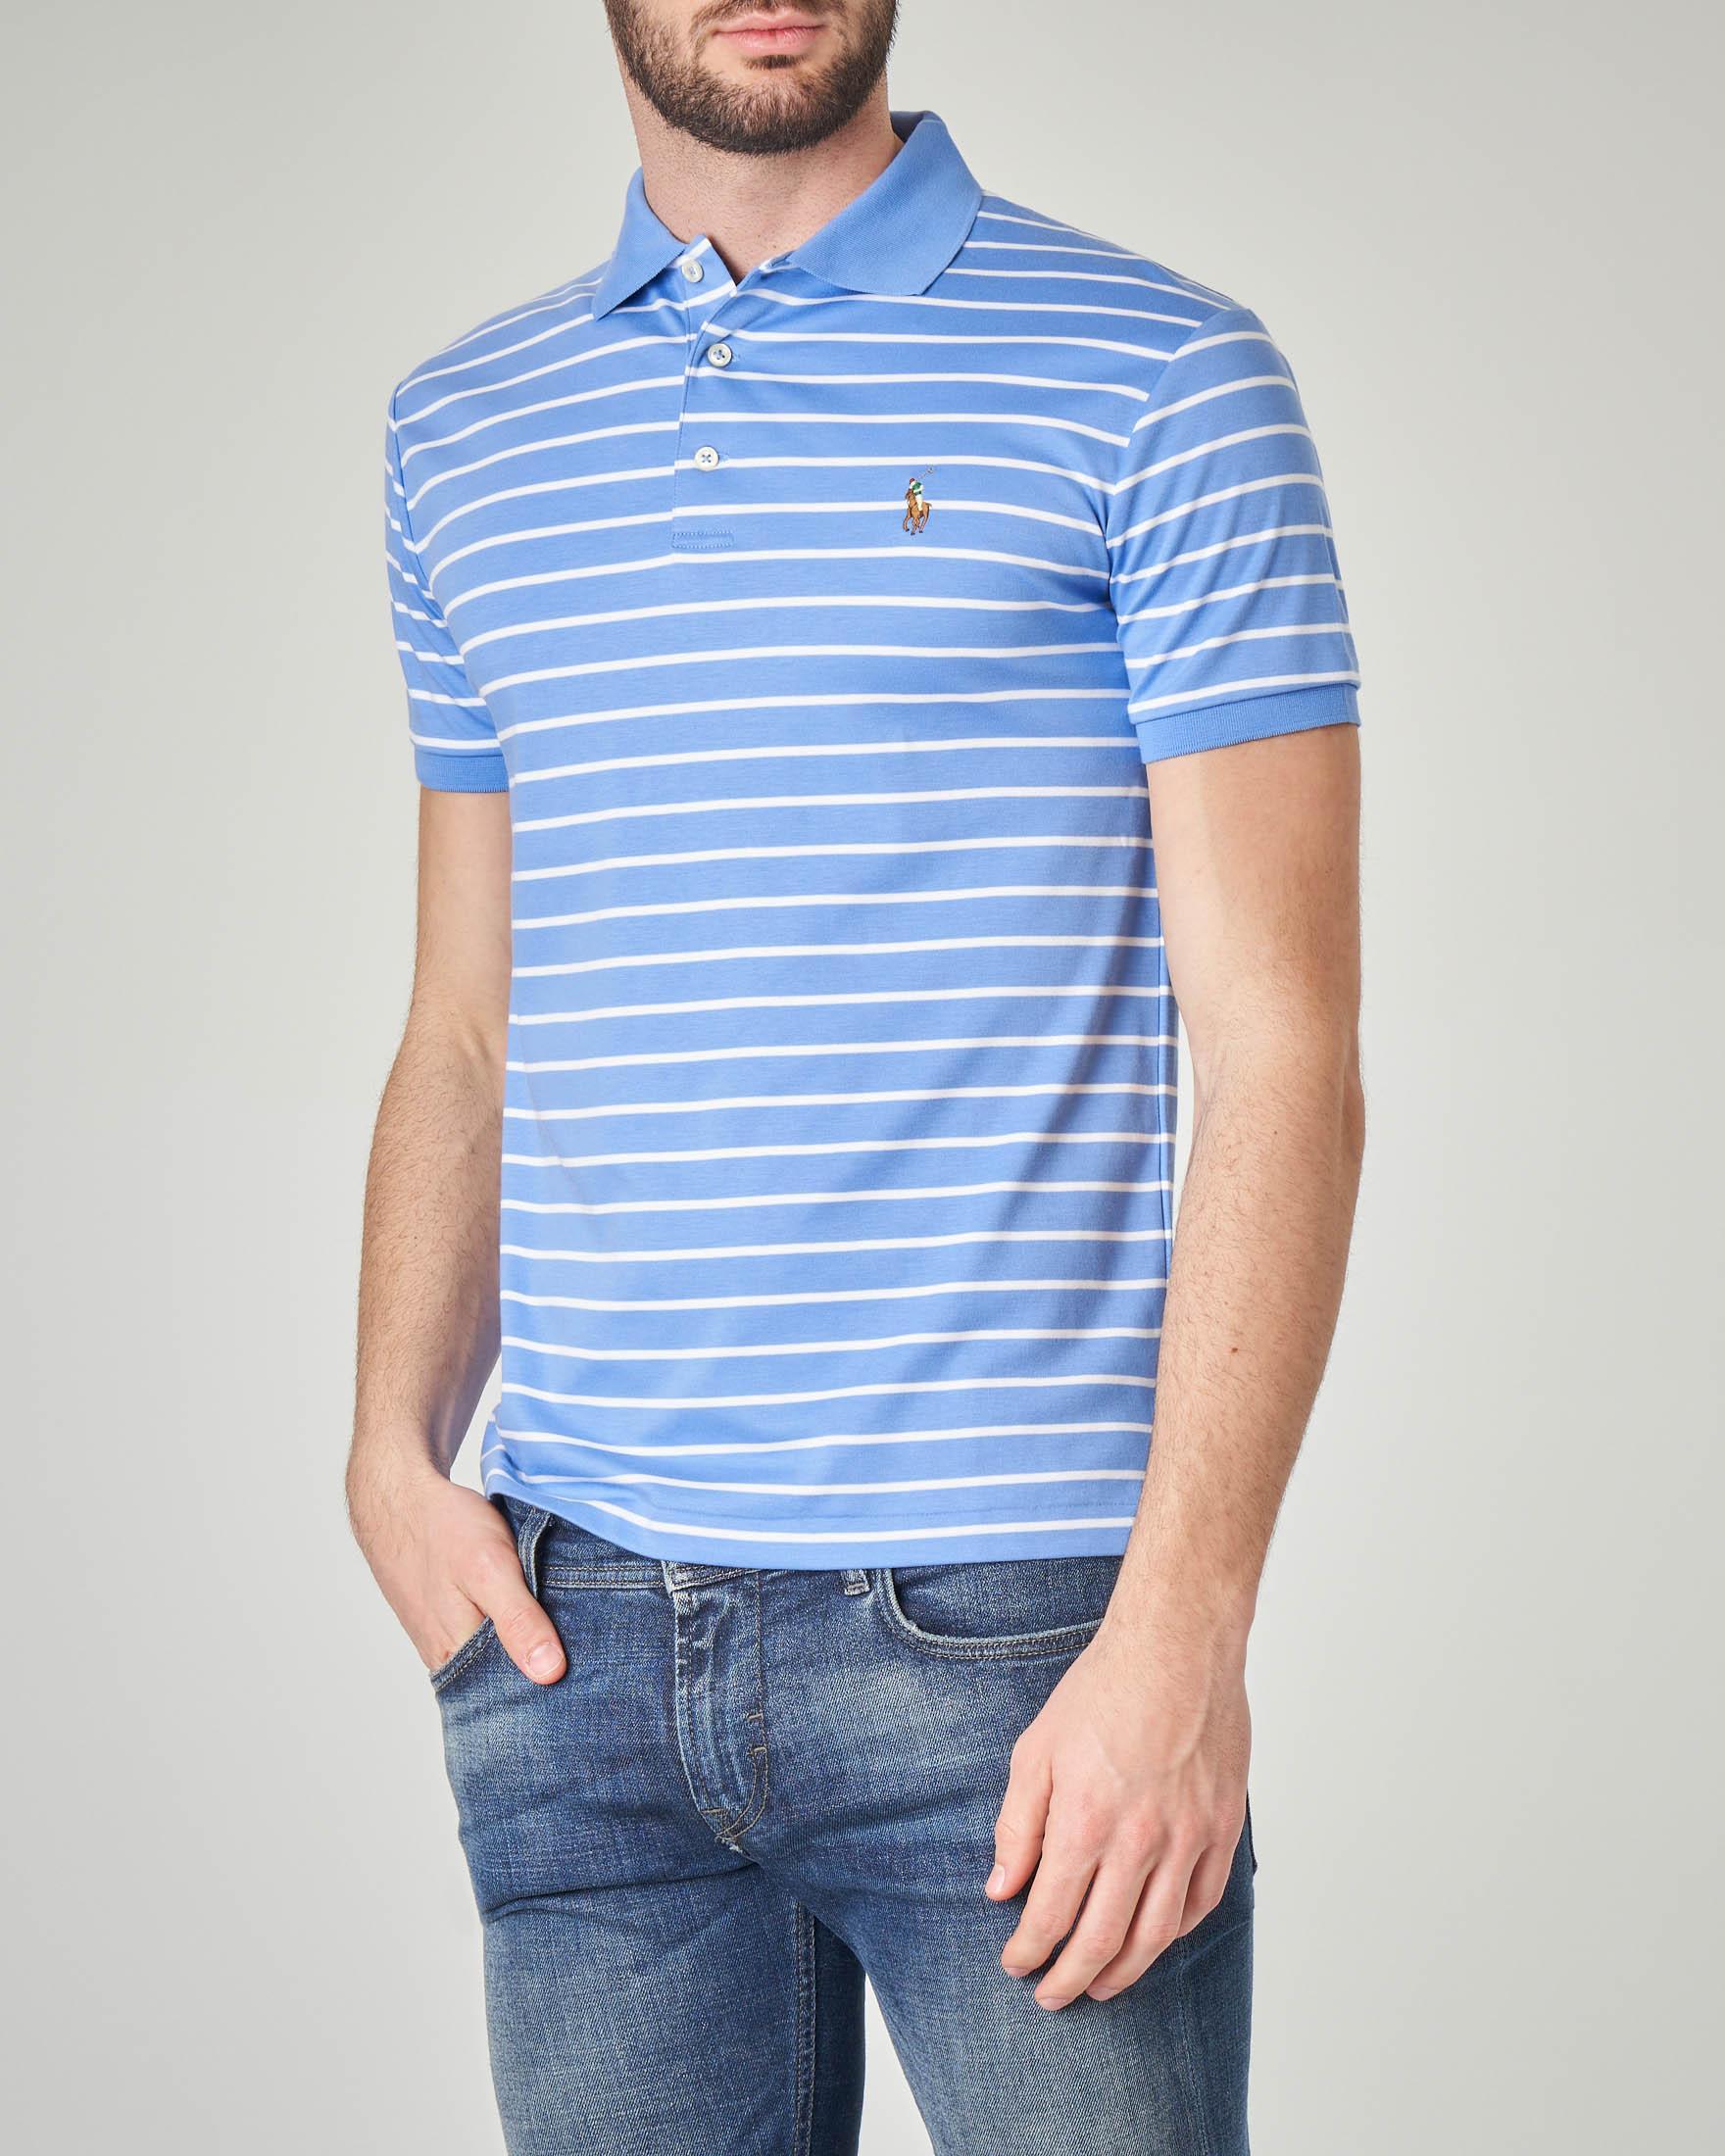 Polo azzurra a righe bianche orizzontali in pima cotton